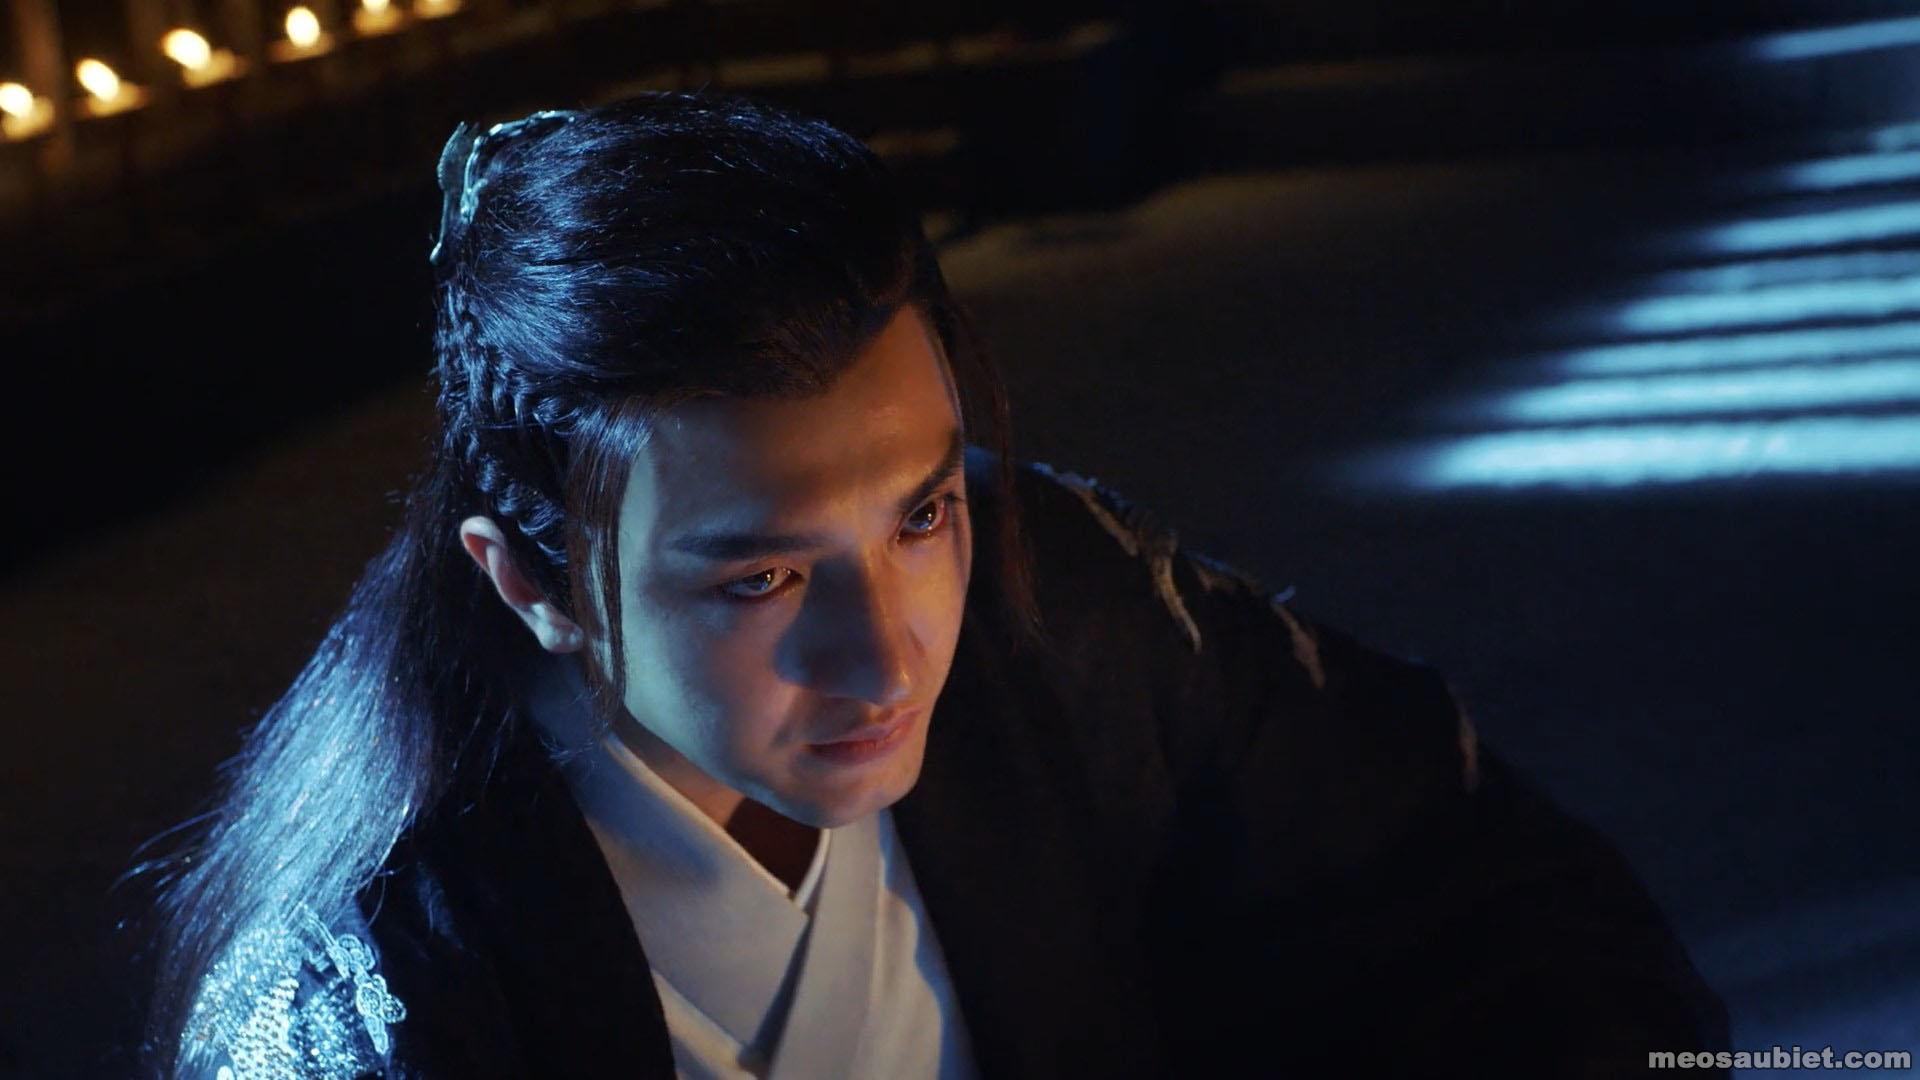 Kim Tịch Hà Tịch 2020 Kim Hãn trong vai Phùng Tịch